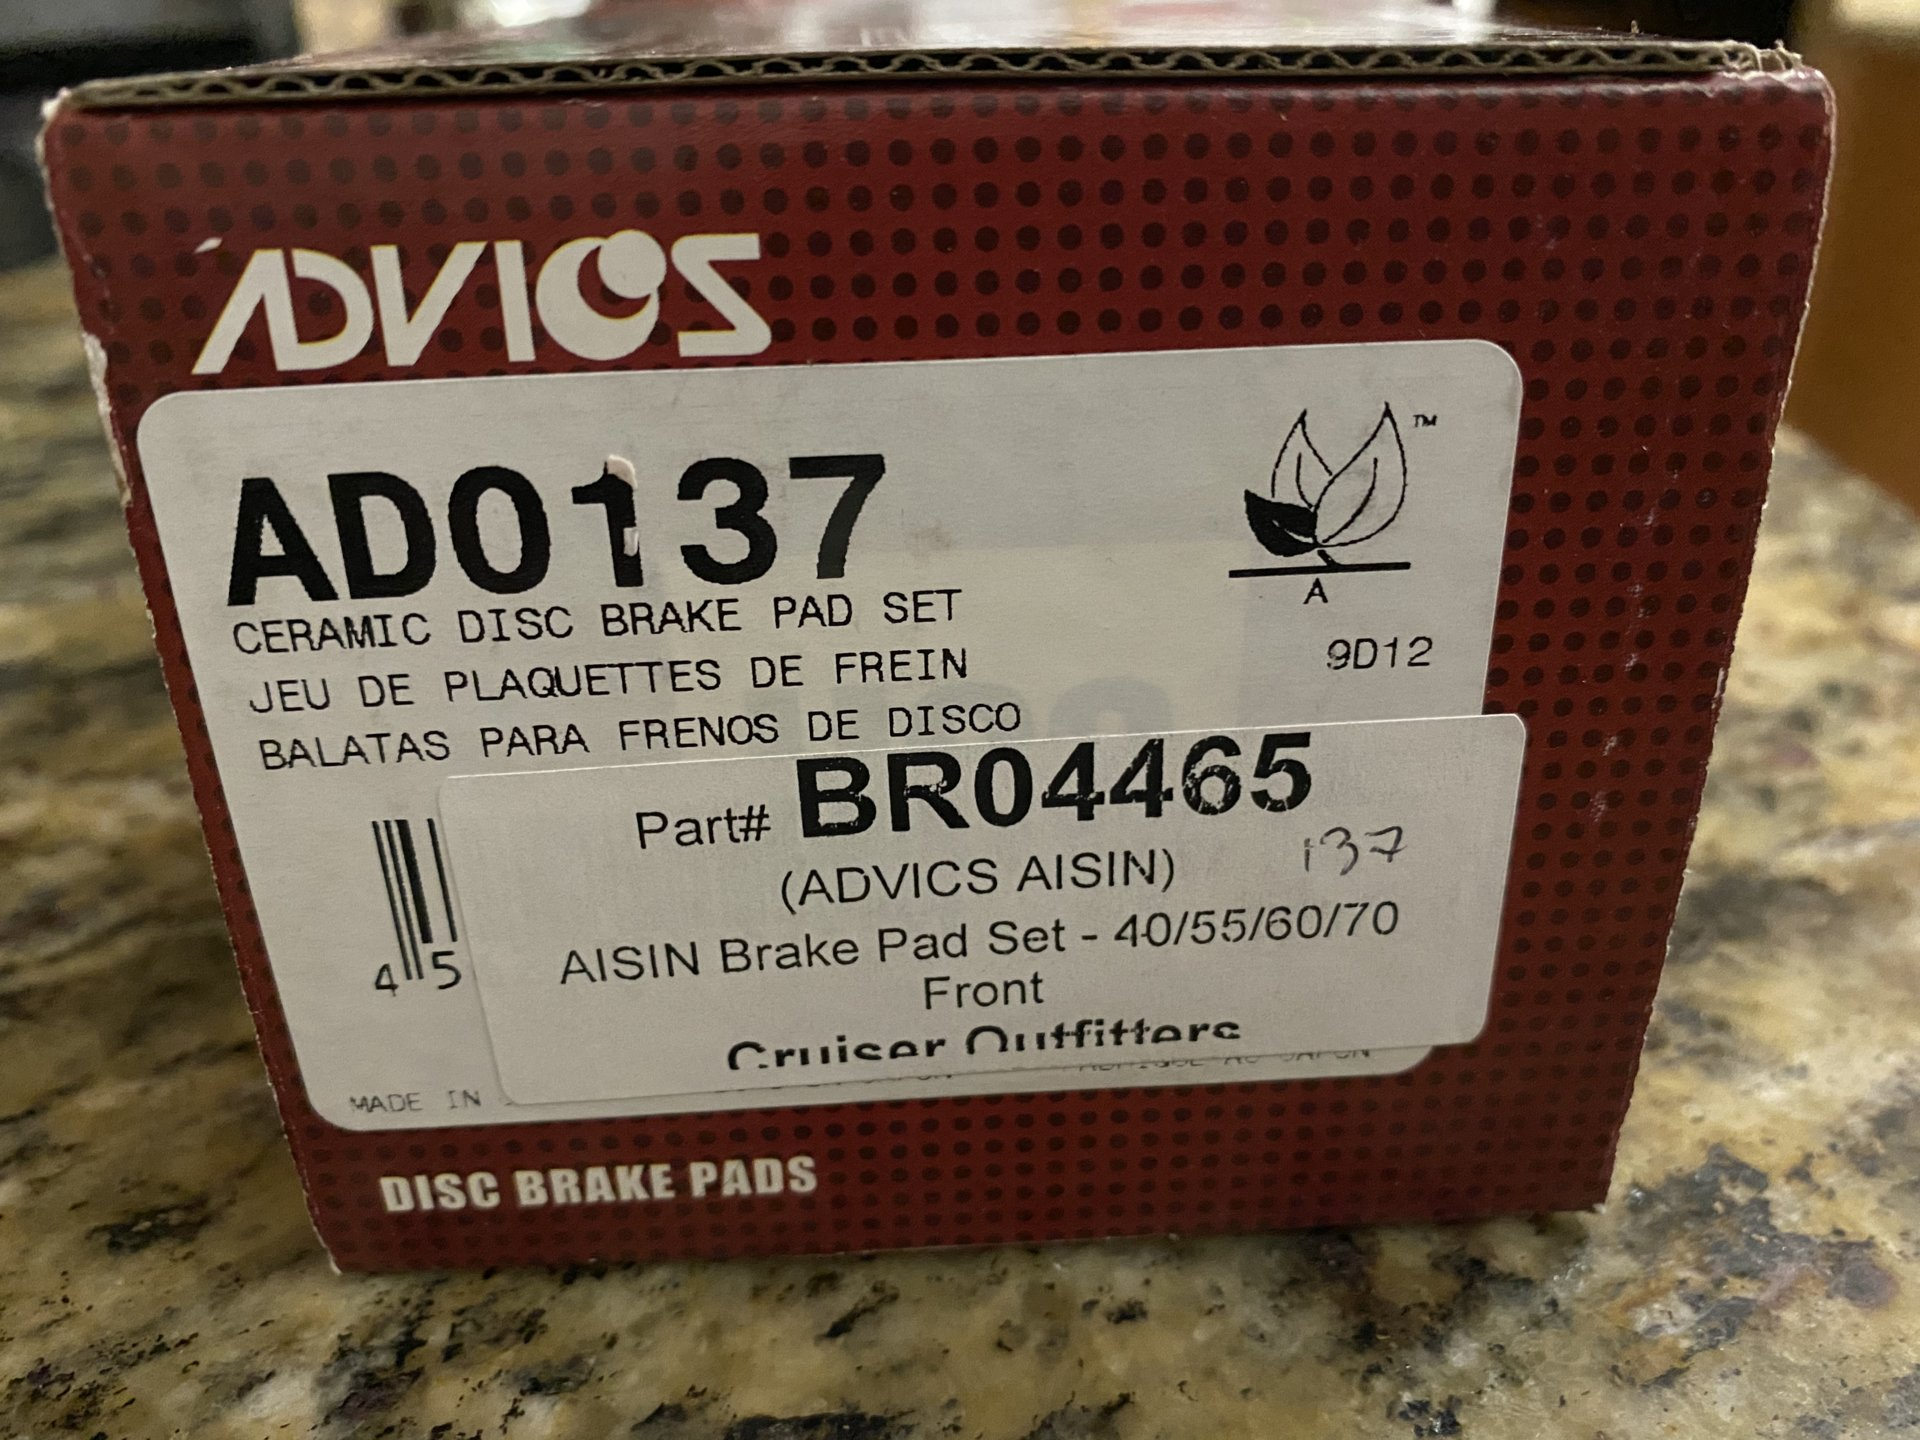 D7A4FC34-0B1C-48F9-9D38-02B2EF8BF356.jpeg